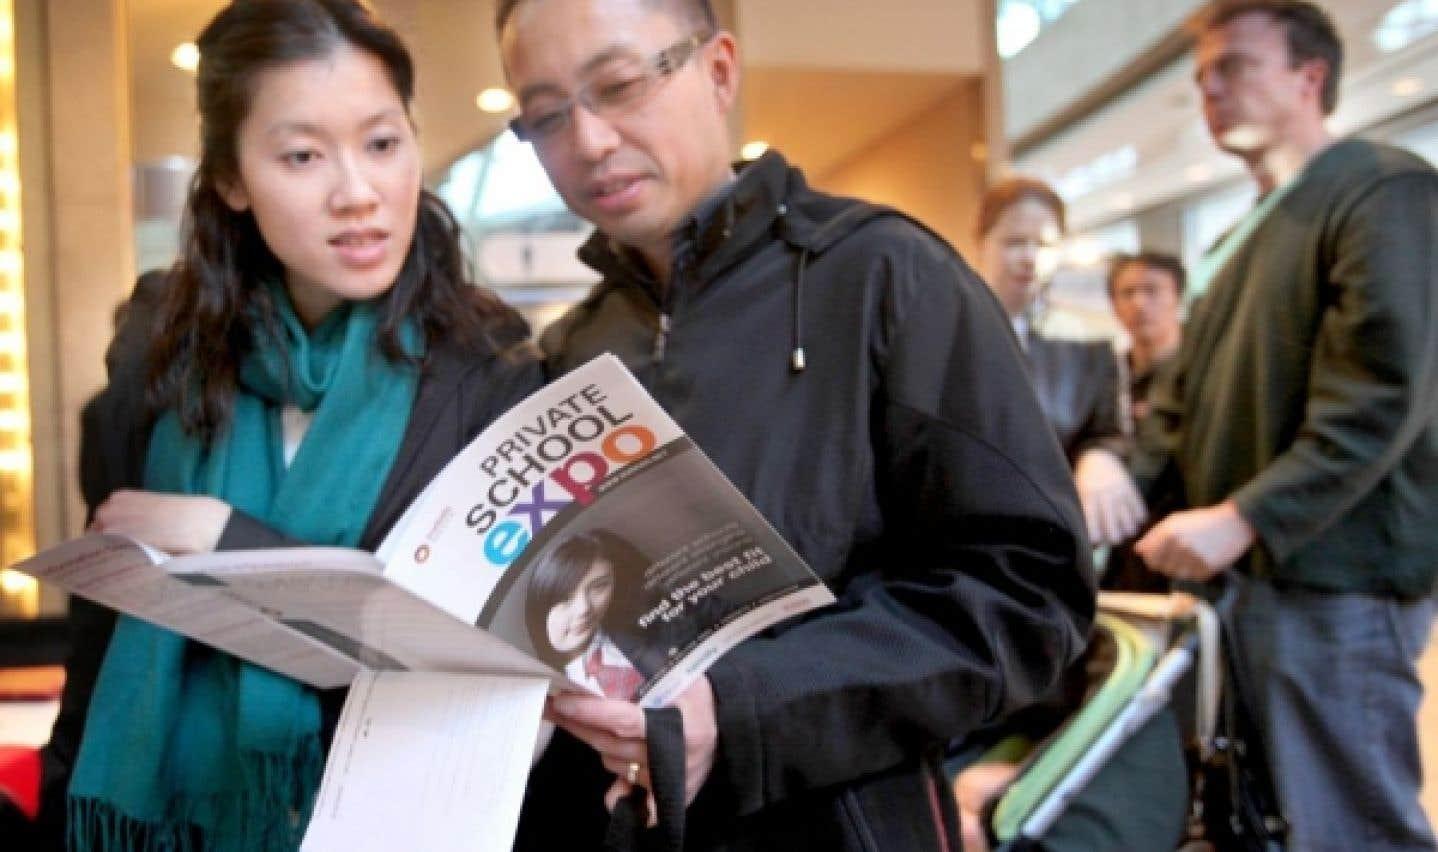 Les visiteurs de l'exposition pourront aussi obtenir la nouvelle édition du guide des écoles privées du Canada, Our Kids, qui comprend une section Québec.